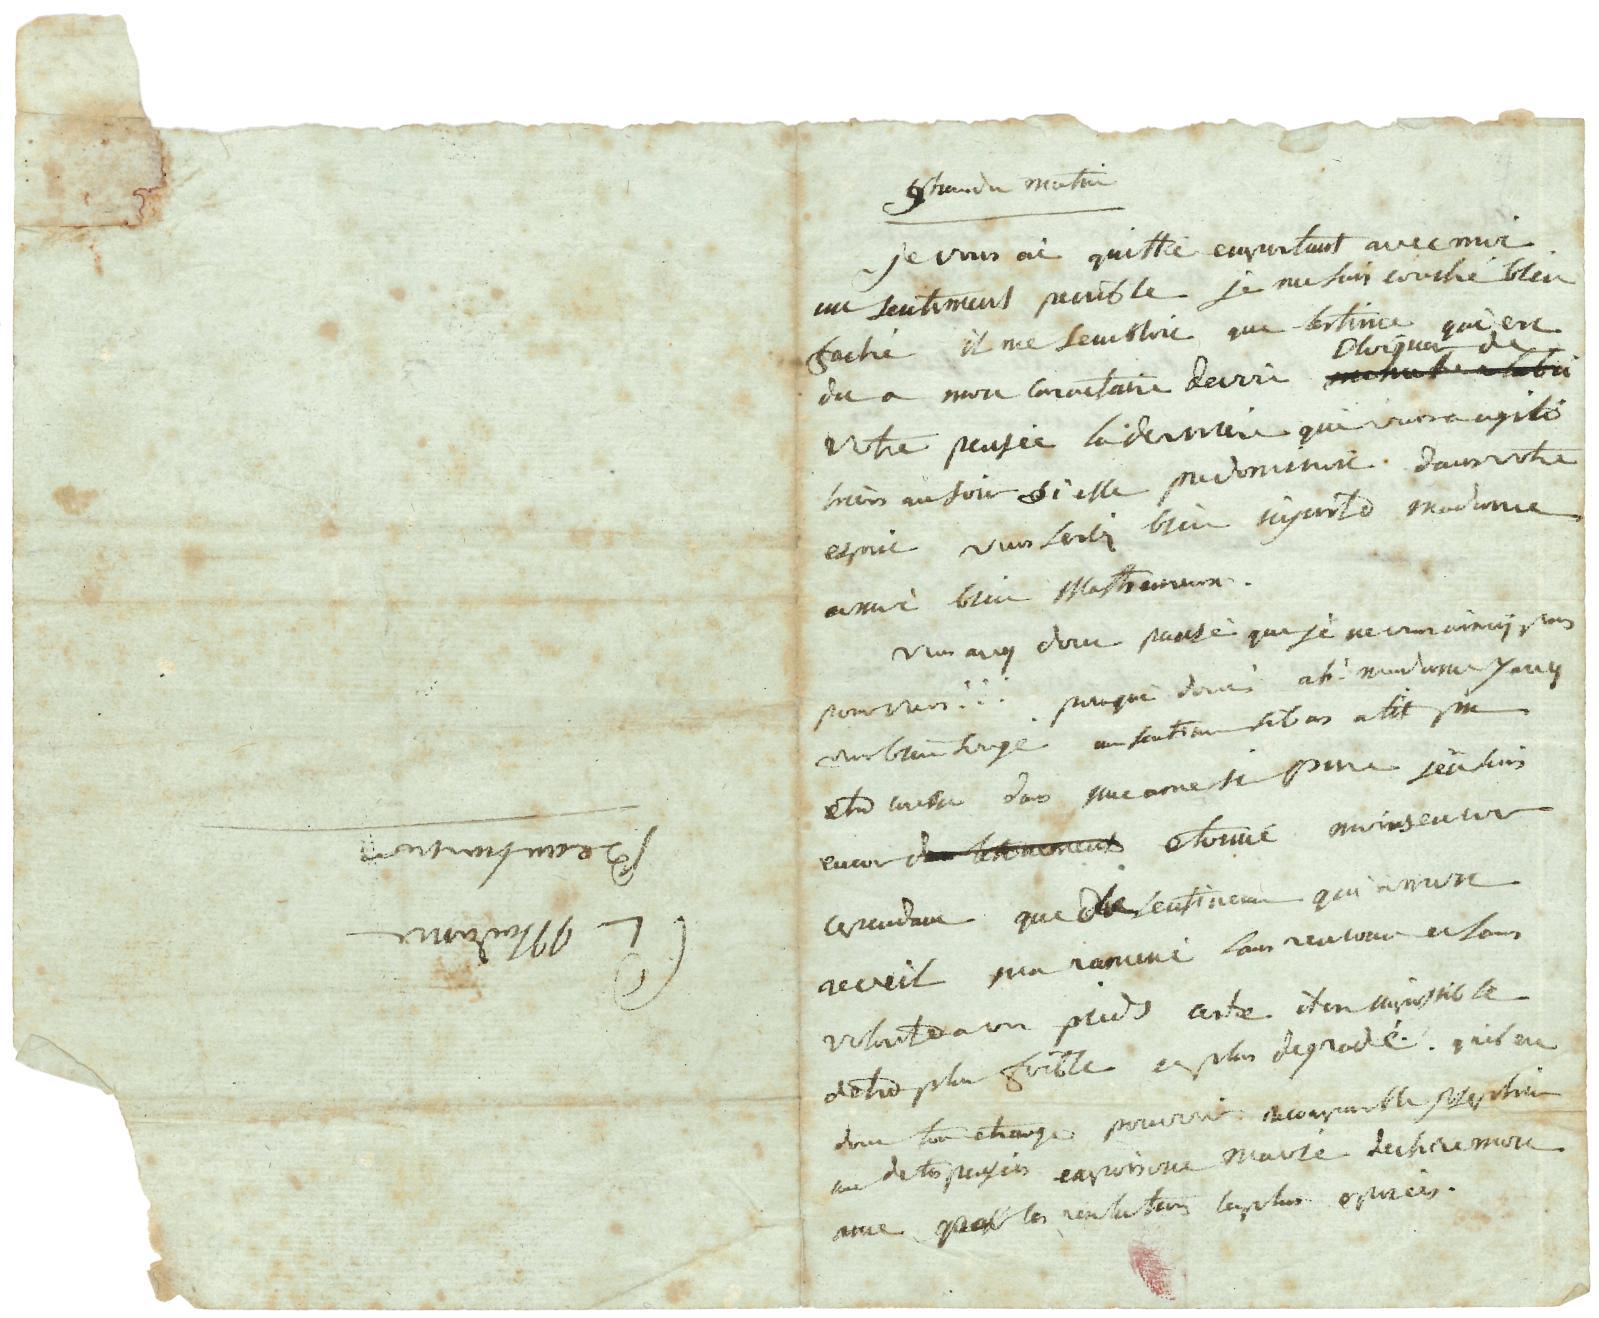 Napoléon Bonaparte (1769-1821), lettre autographe signée «BP» adresséeà Joséphine, fin février ou début mars 1796. Drouot, 19 novembre 20